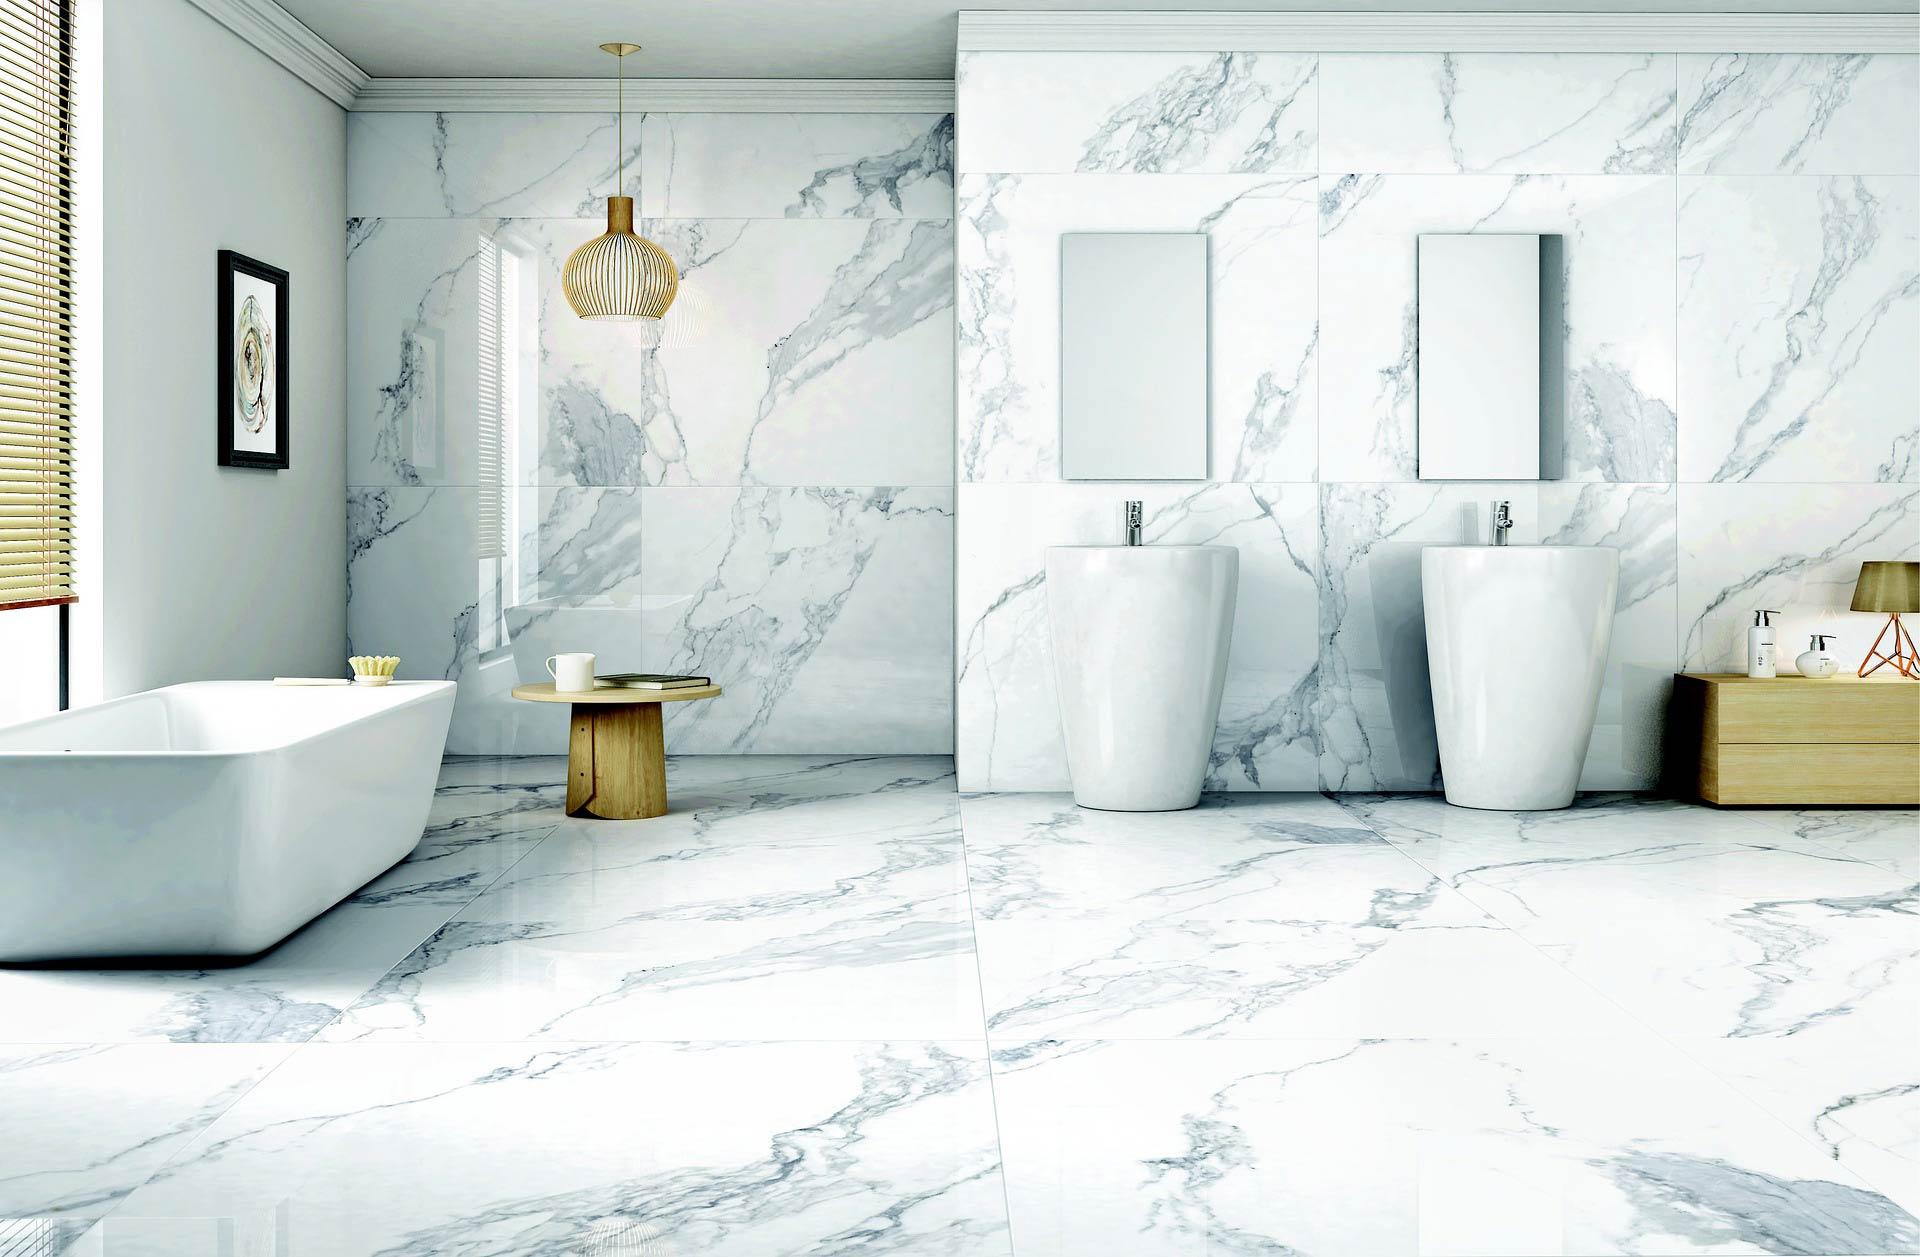 pavimentazioni-marmo-Ignazino-Lai-cagliari-sardegna